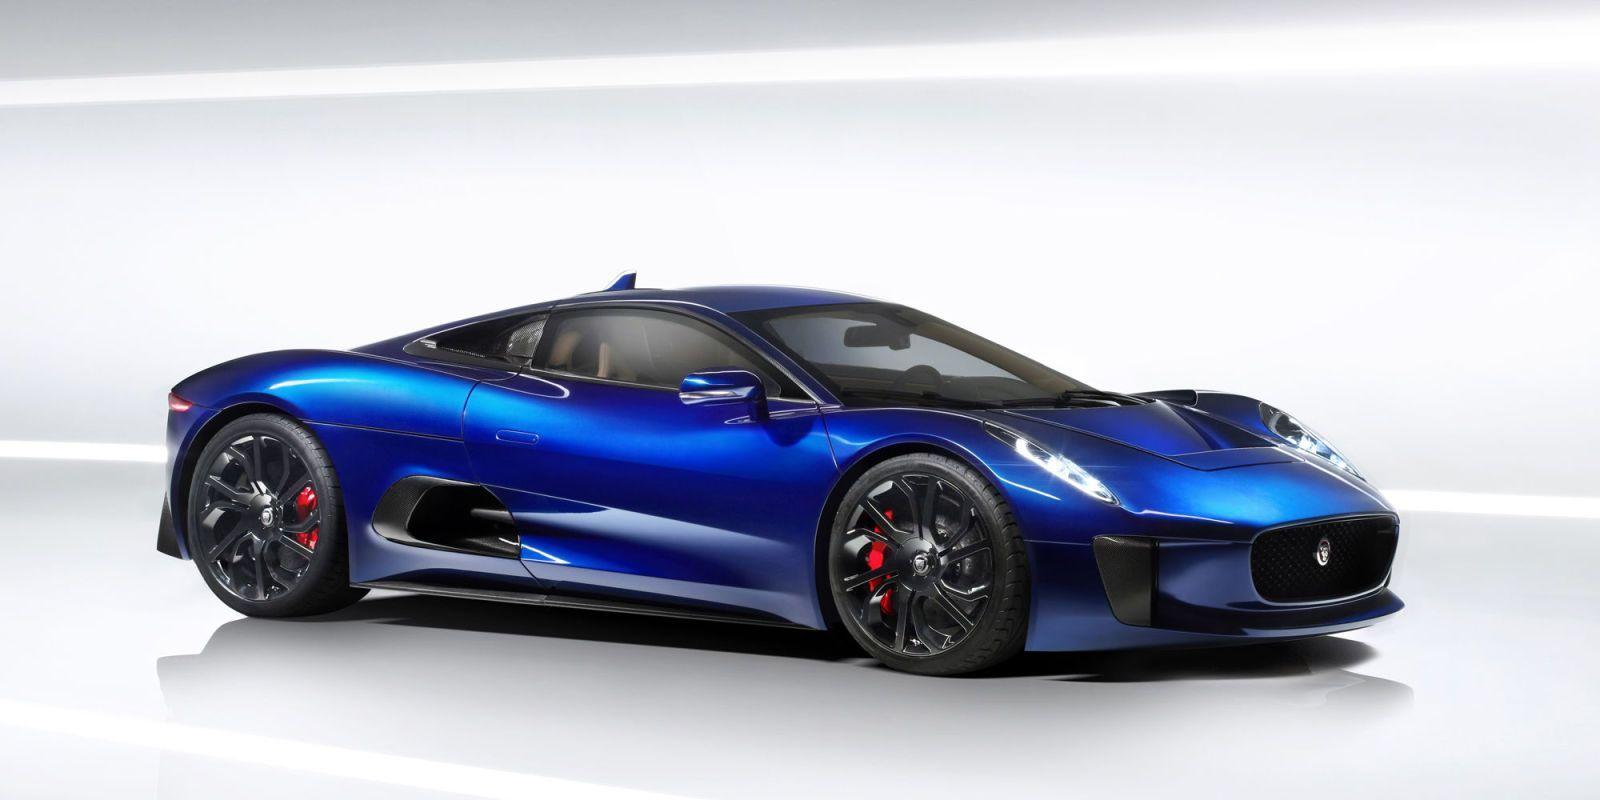 Production Confirms Gorgeous Supercar Concept Jaguars Spectre Villain Movies Recent Martin Bonds James Aston Neve Cool Car Pictures Car New Cars